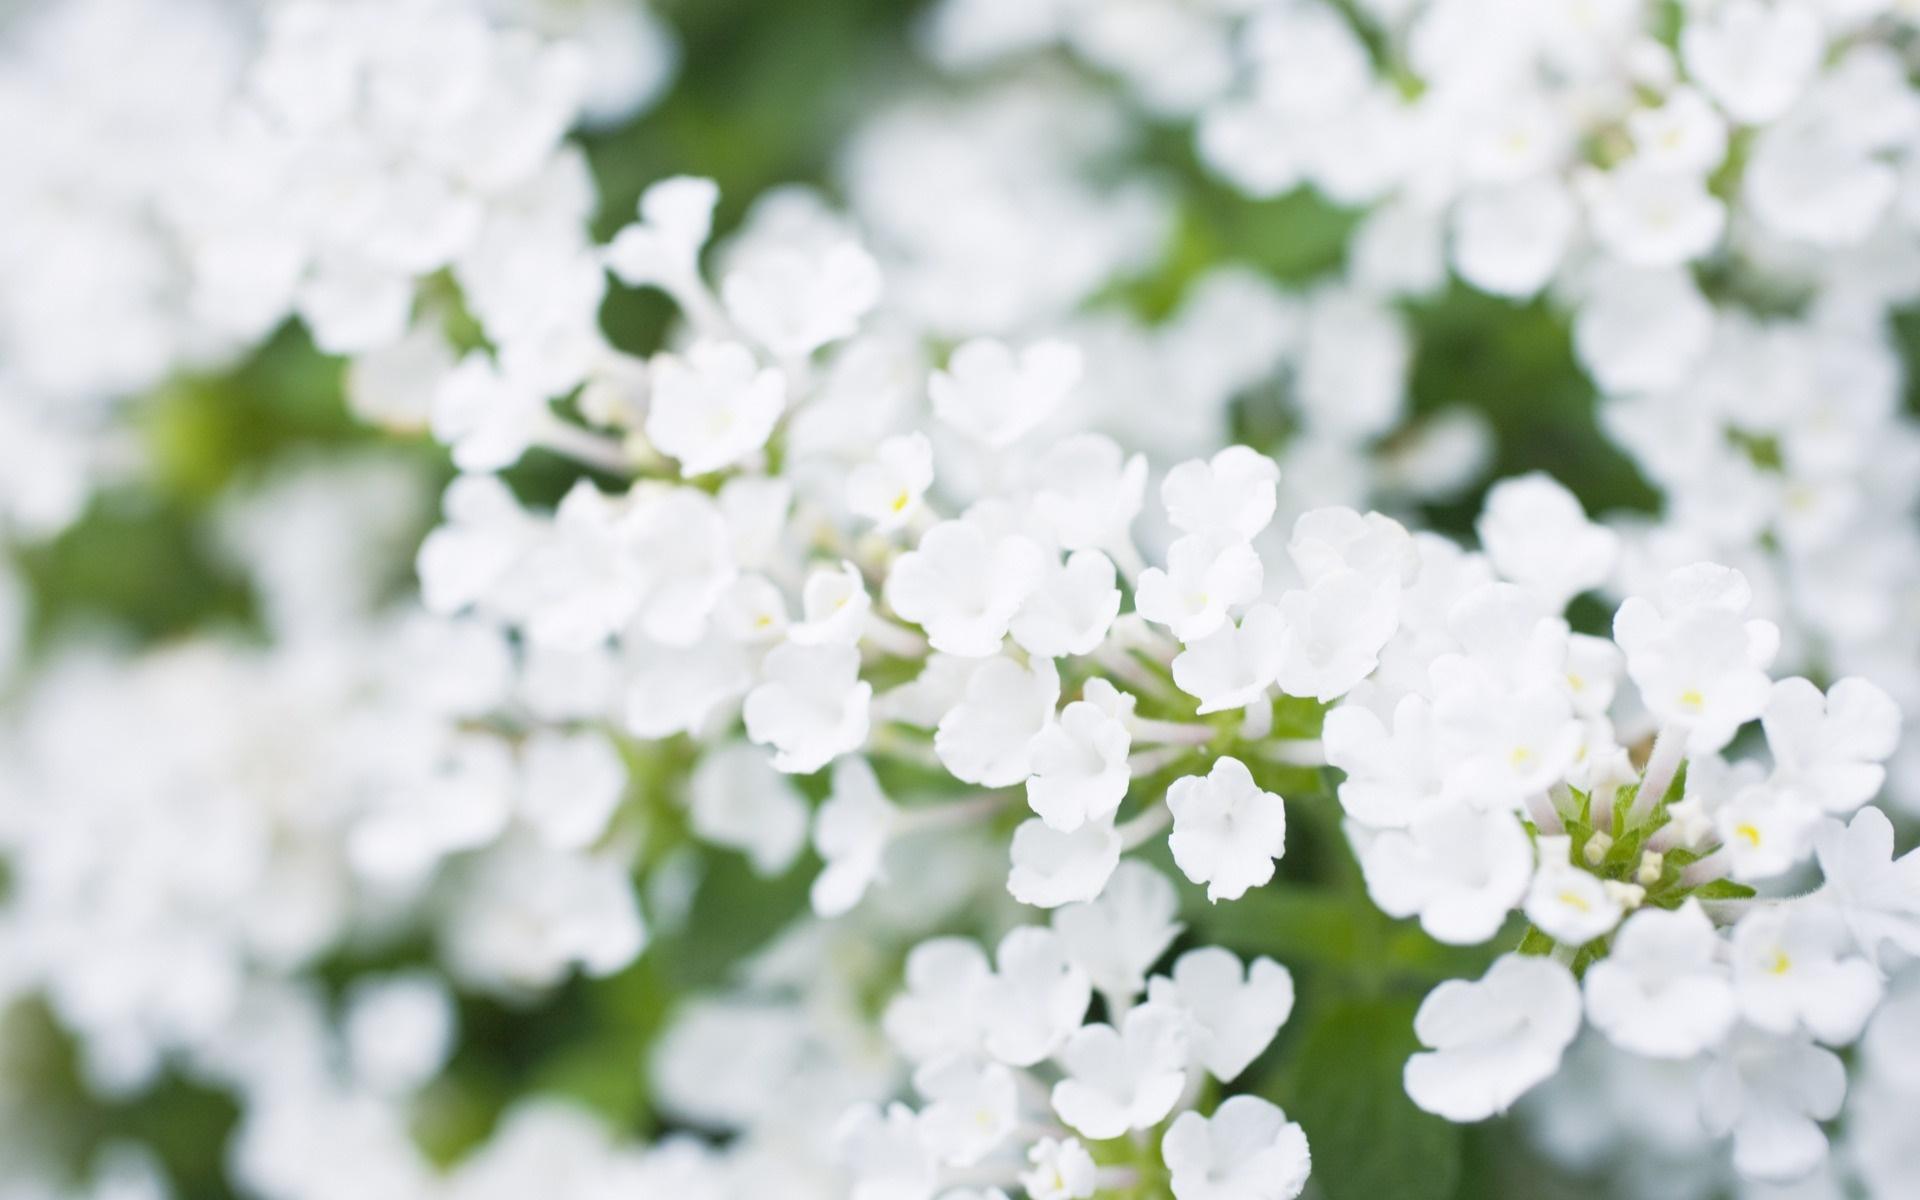 Фото и картинки белых цветов с названиями